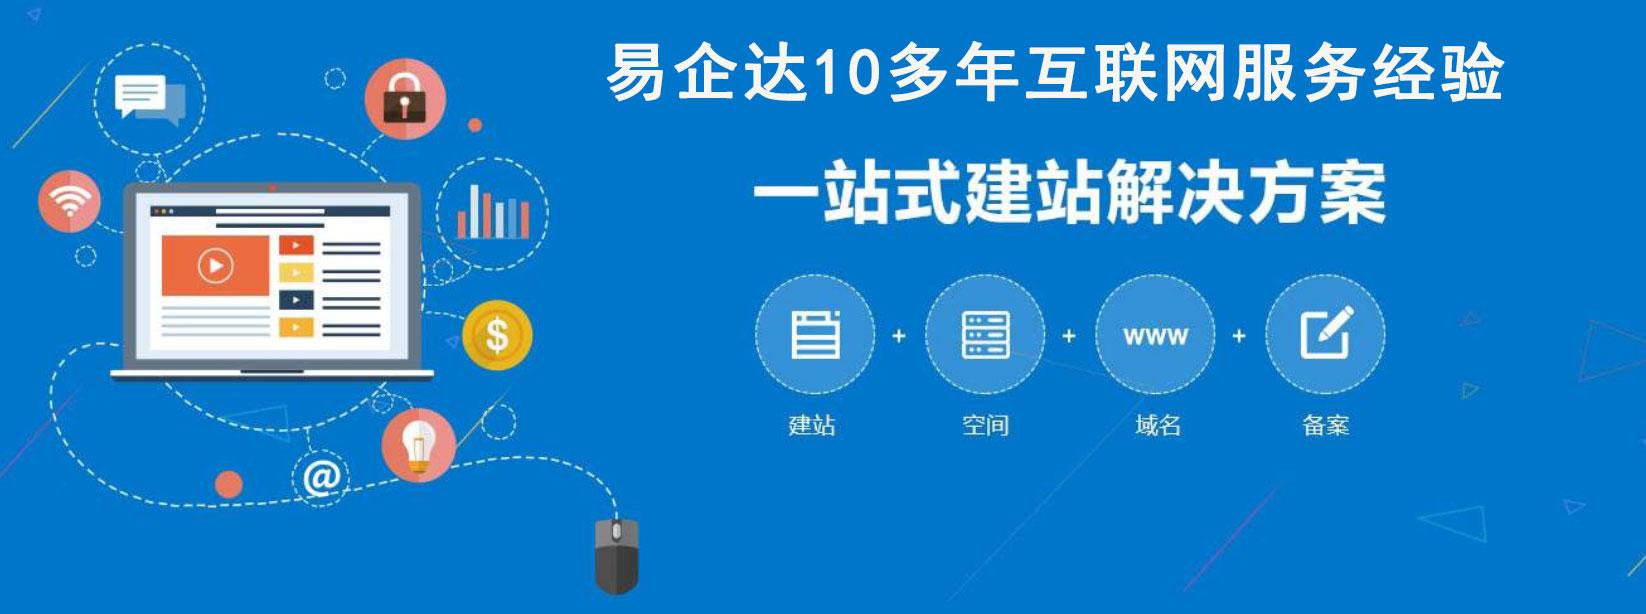 南京微信小程序开发公司哪家好?